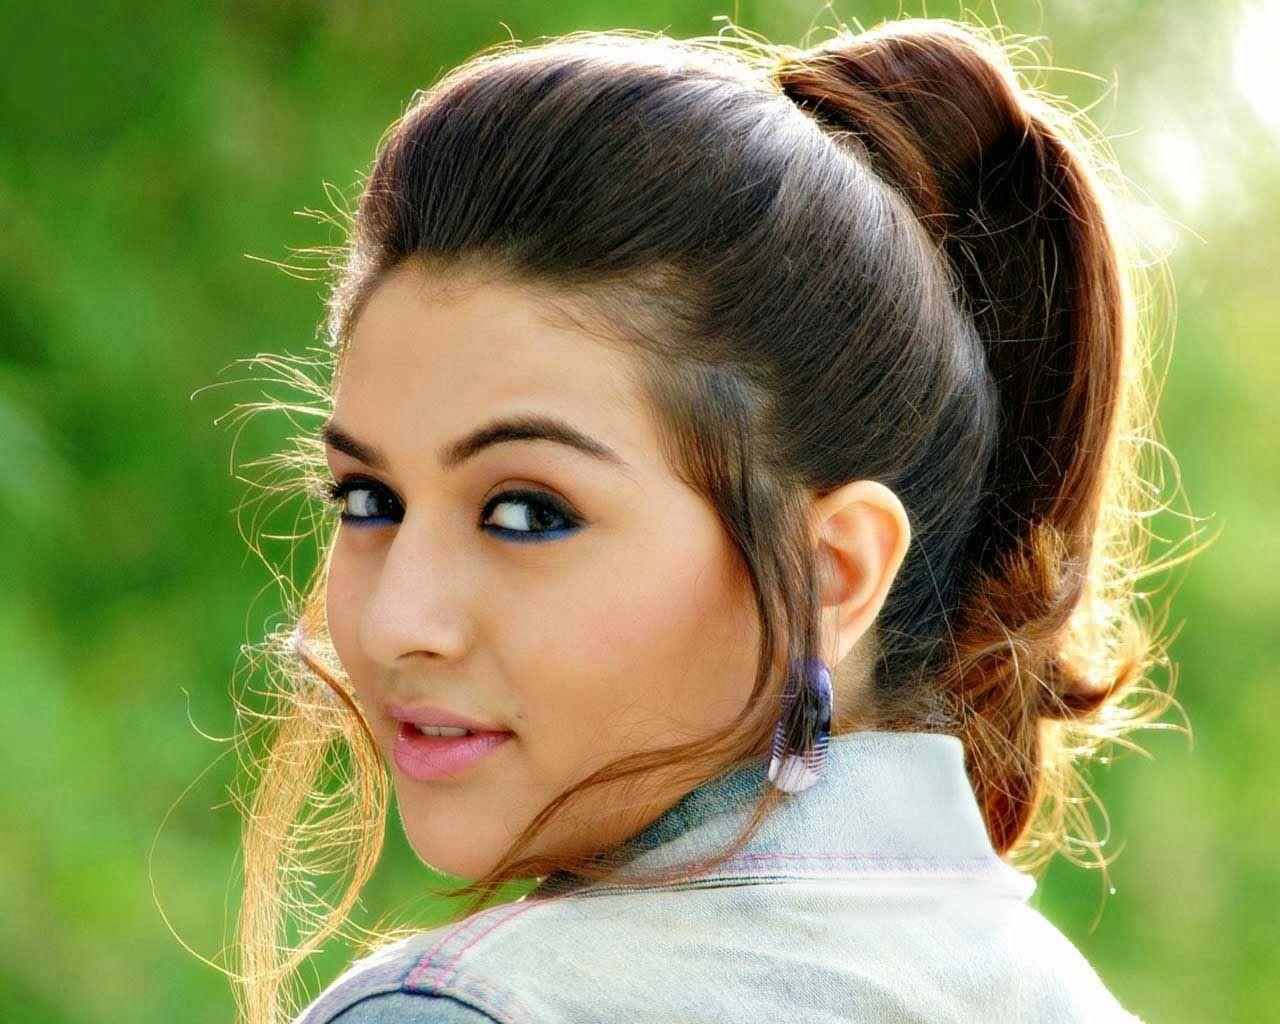 Hd Wallpapers Hansika Motwani Hd Wallpapers Easy Hairstyles For Medium Hair Medium Hair Styles Easy Hairstyles